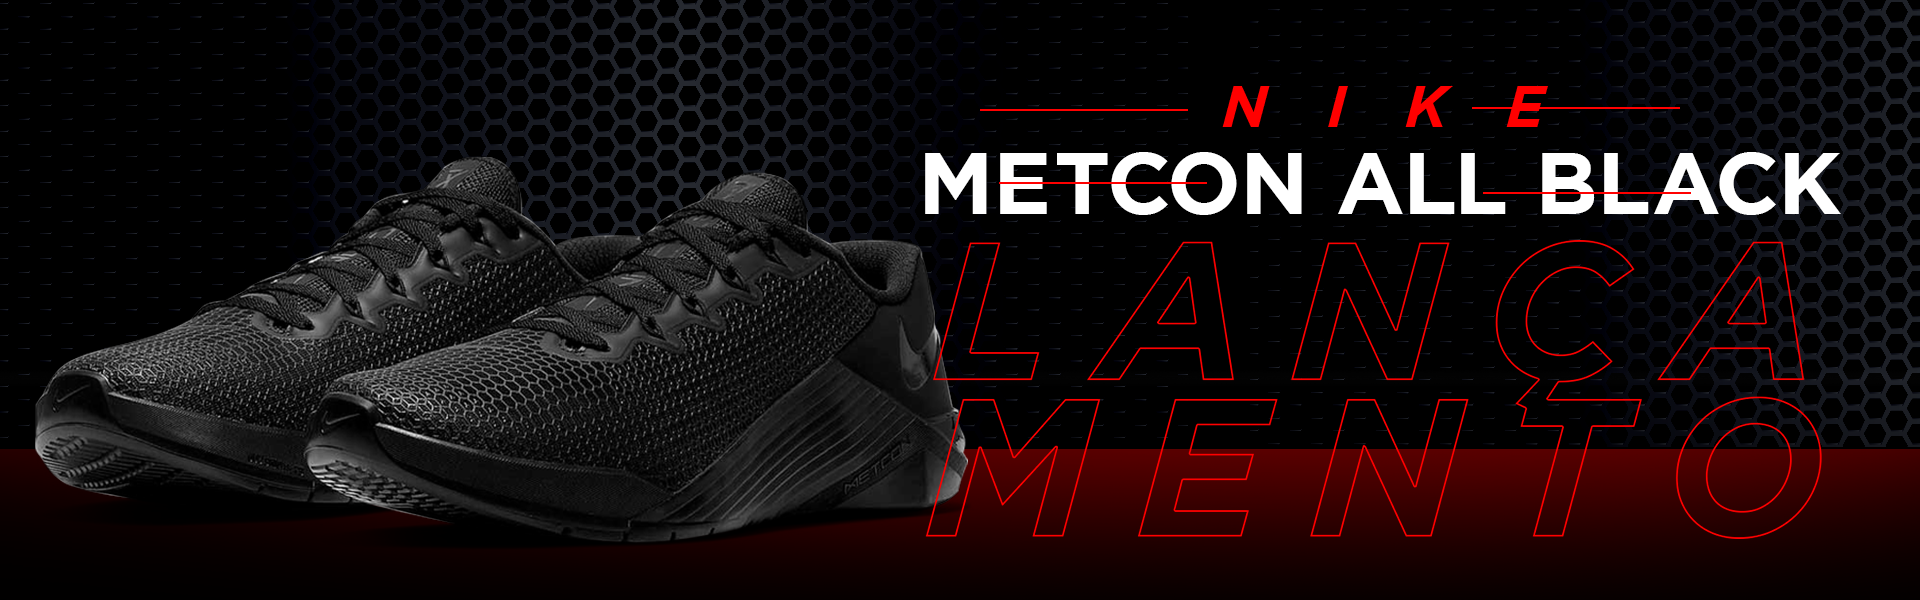 Metcon 5